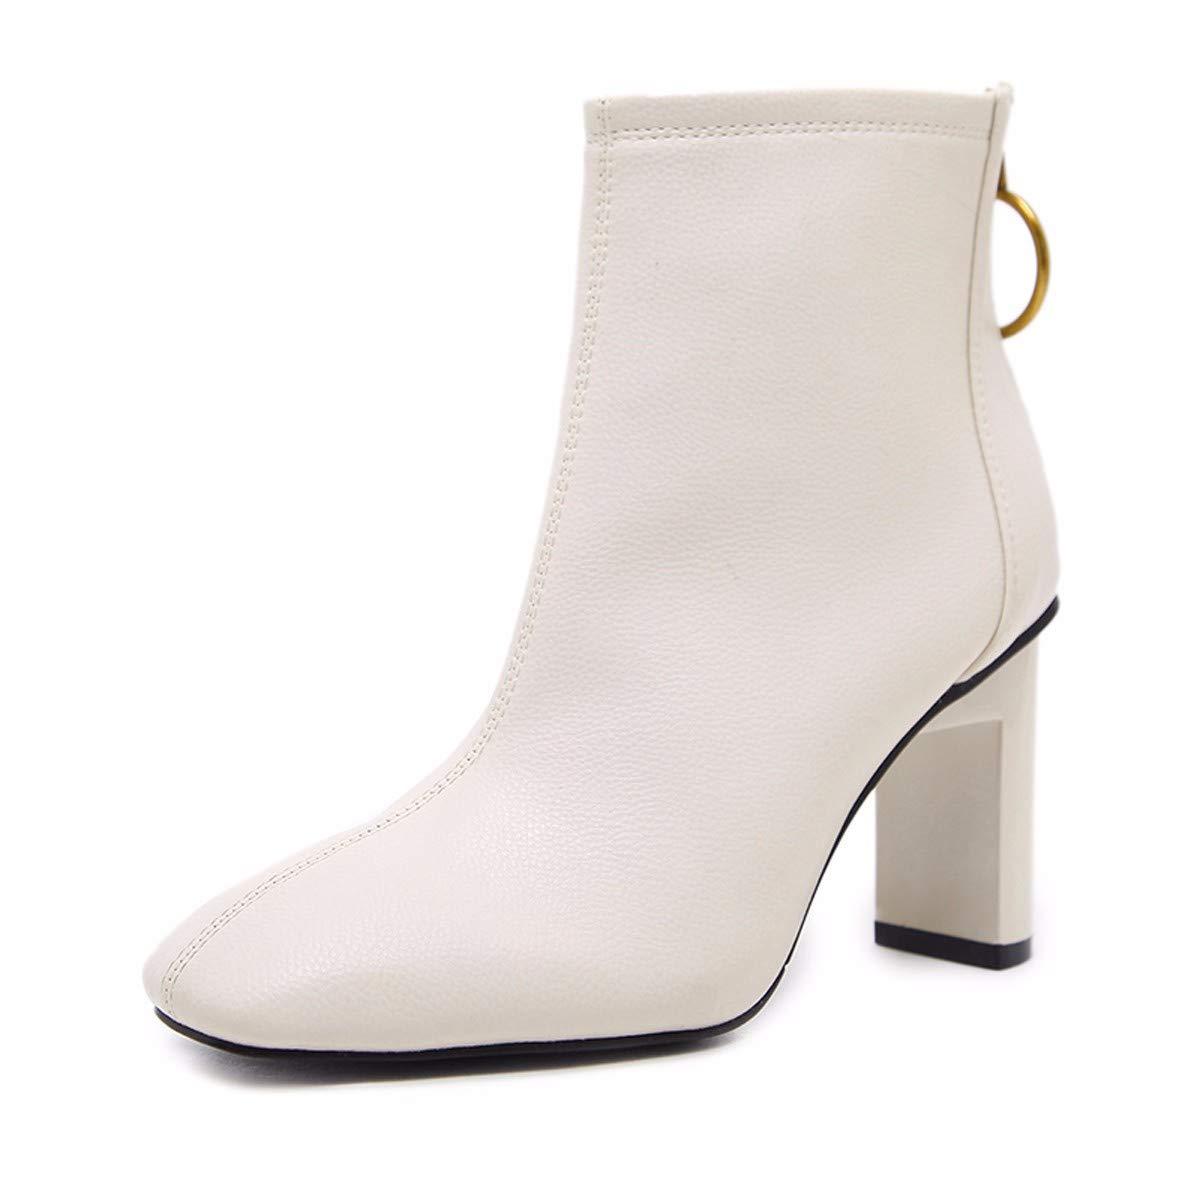 LBTSQ-Mode Damenschuhe Damenschuhe LBTSQ-Mode Weiße Stiefel Mit Hohen 8Cm Im Frühjahr Und Herbst Persönlichkeit Nackt Stiefeln Dicken Heels Stiefel Martin Winter. 1c80d3